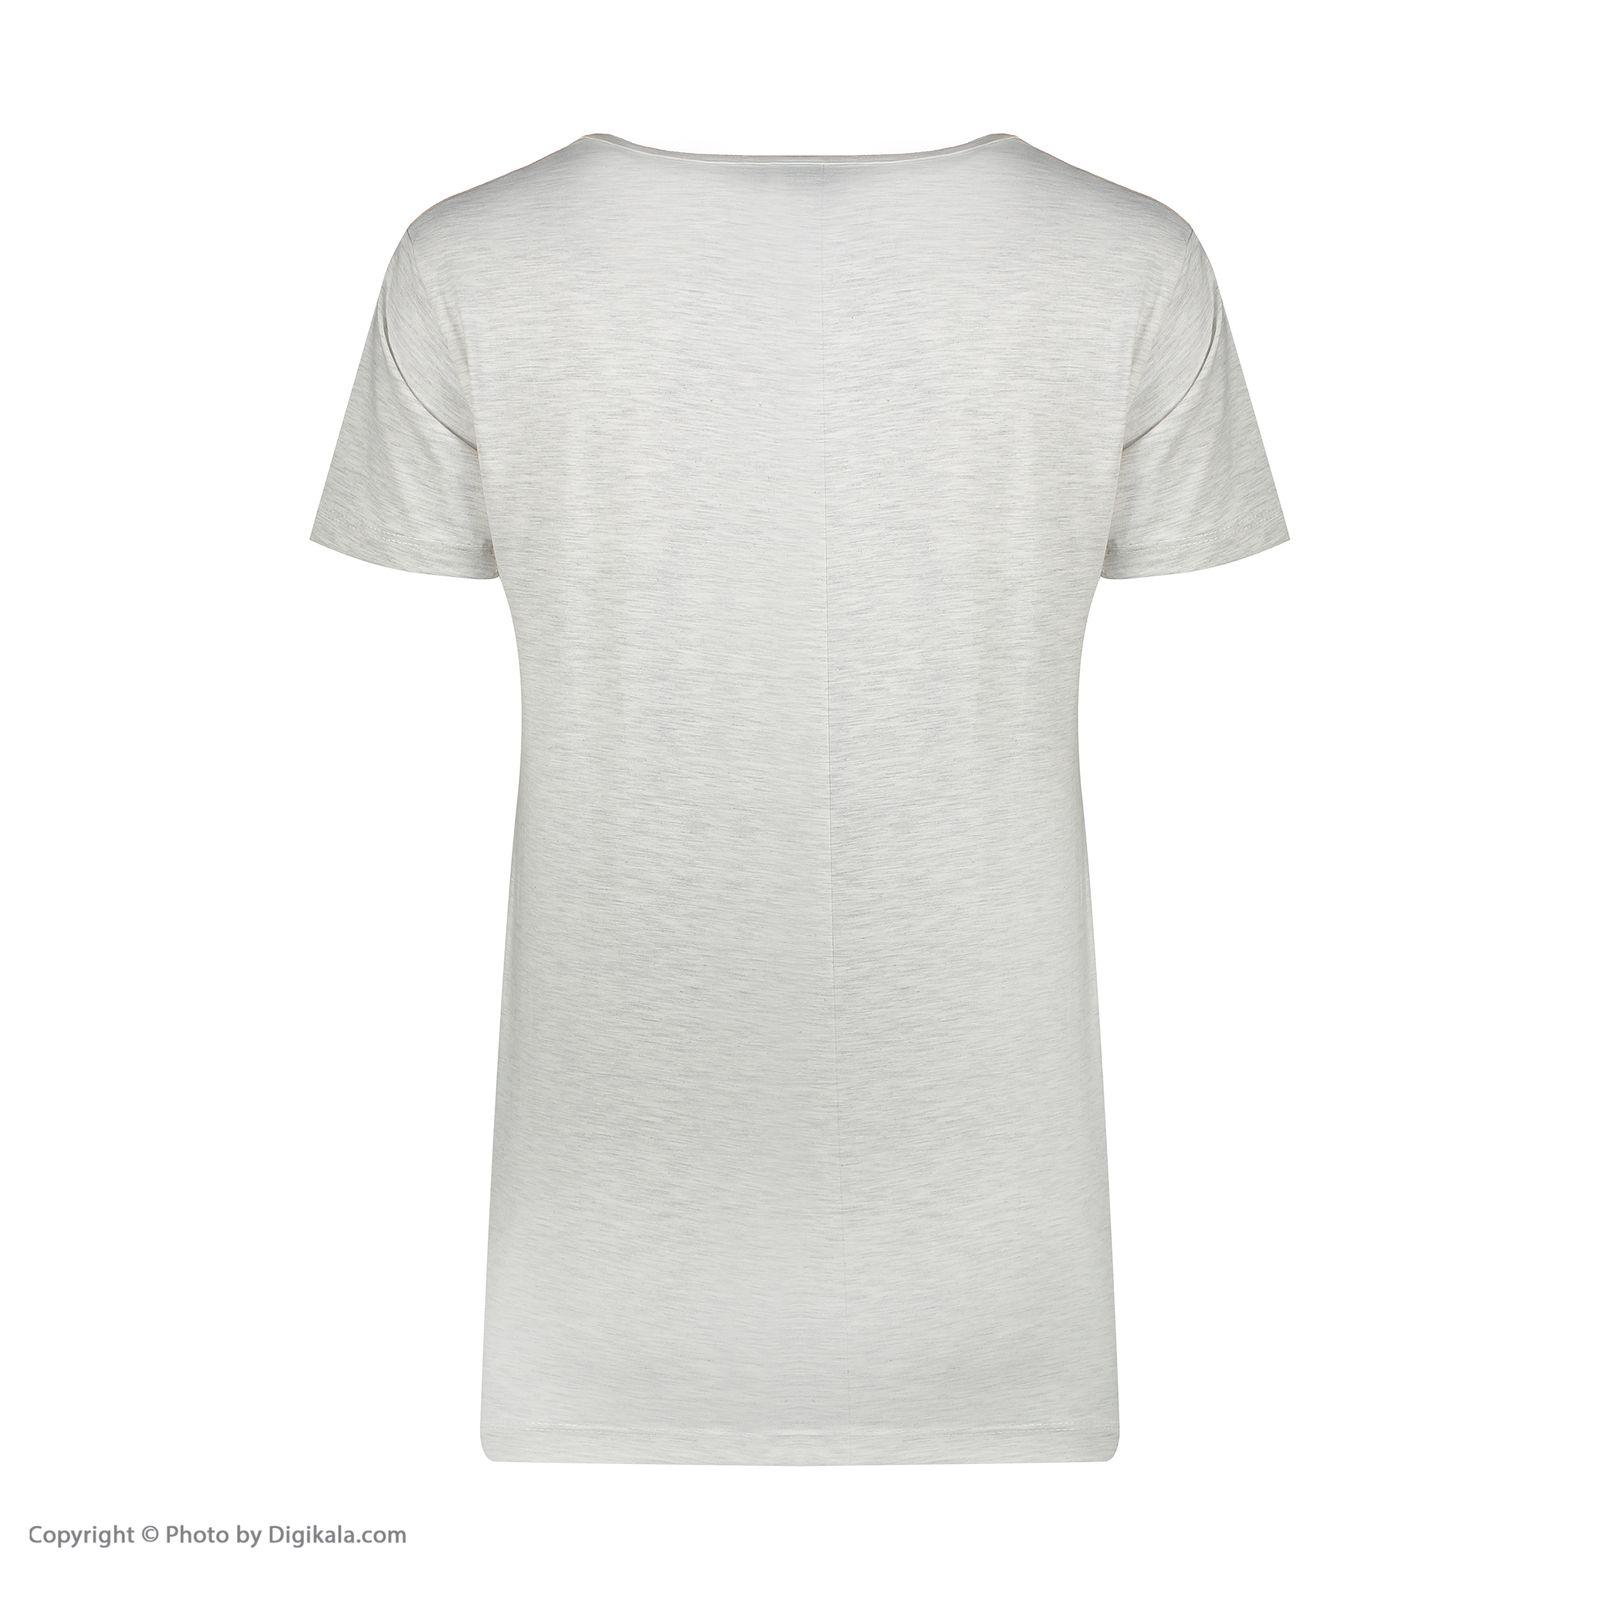 ست تی شرت و شلوار زنانه فمیلی ور طرح دخترکد 0224 -  - 8